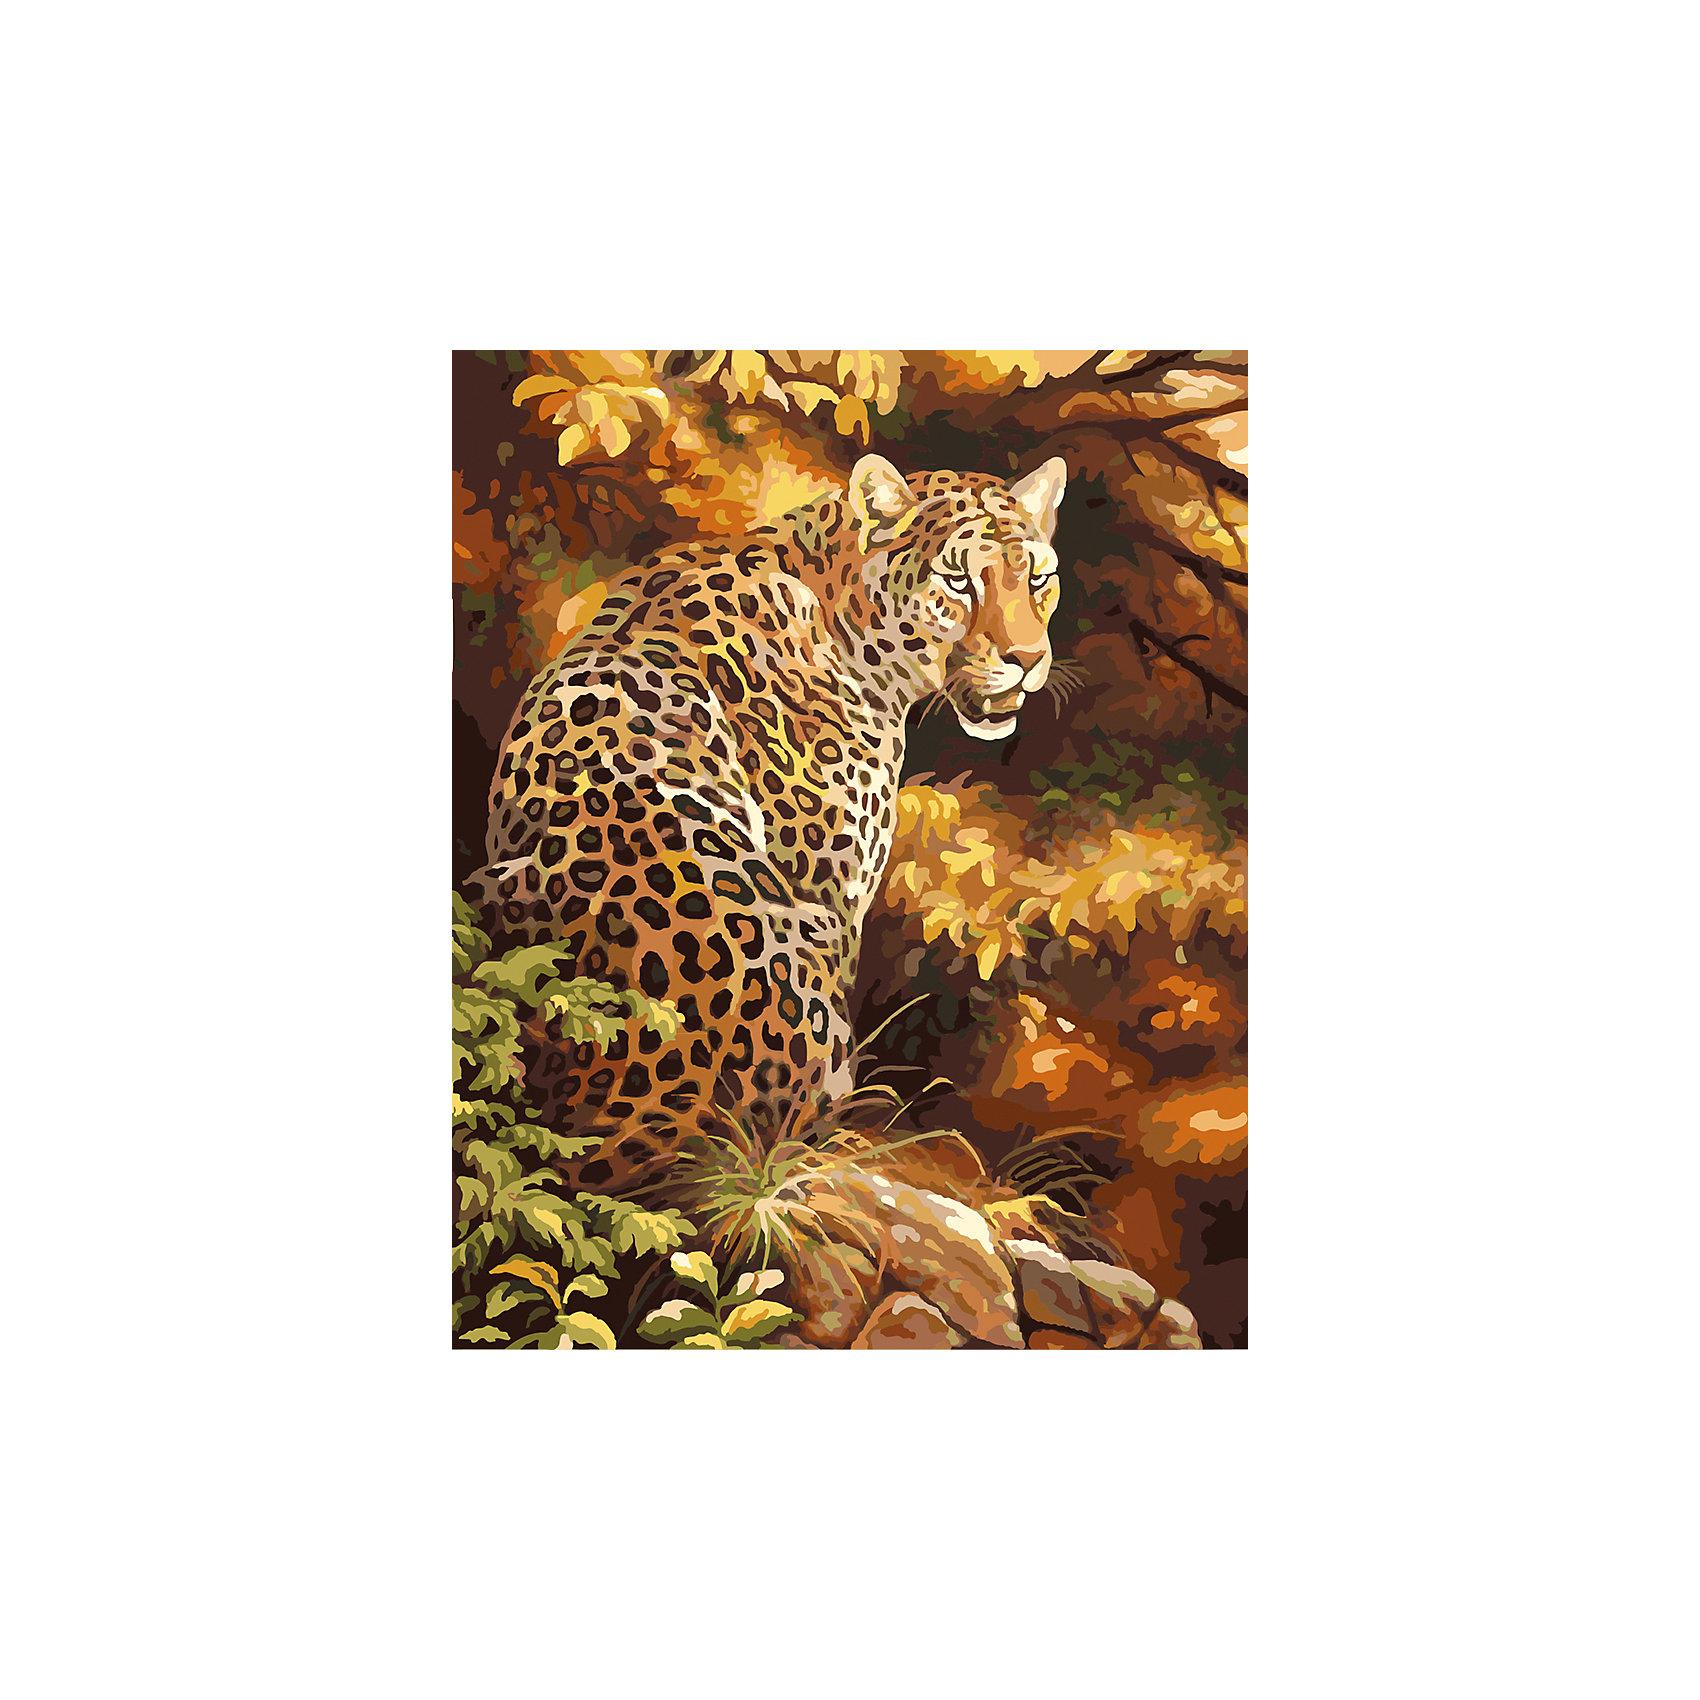 TUKZAR Роспись по номерам Леопард в лесу 40*50 см наборы для рисования цветной картины по номерам пятнистый леопард